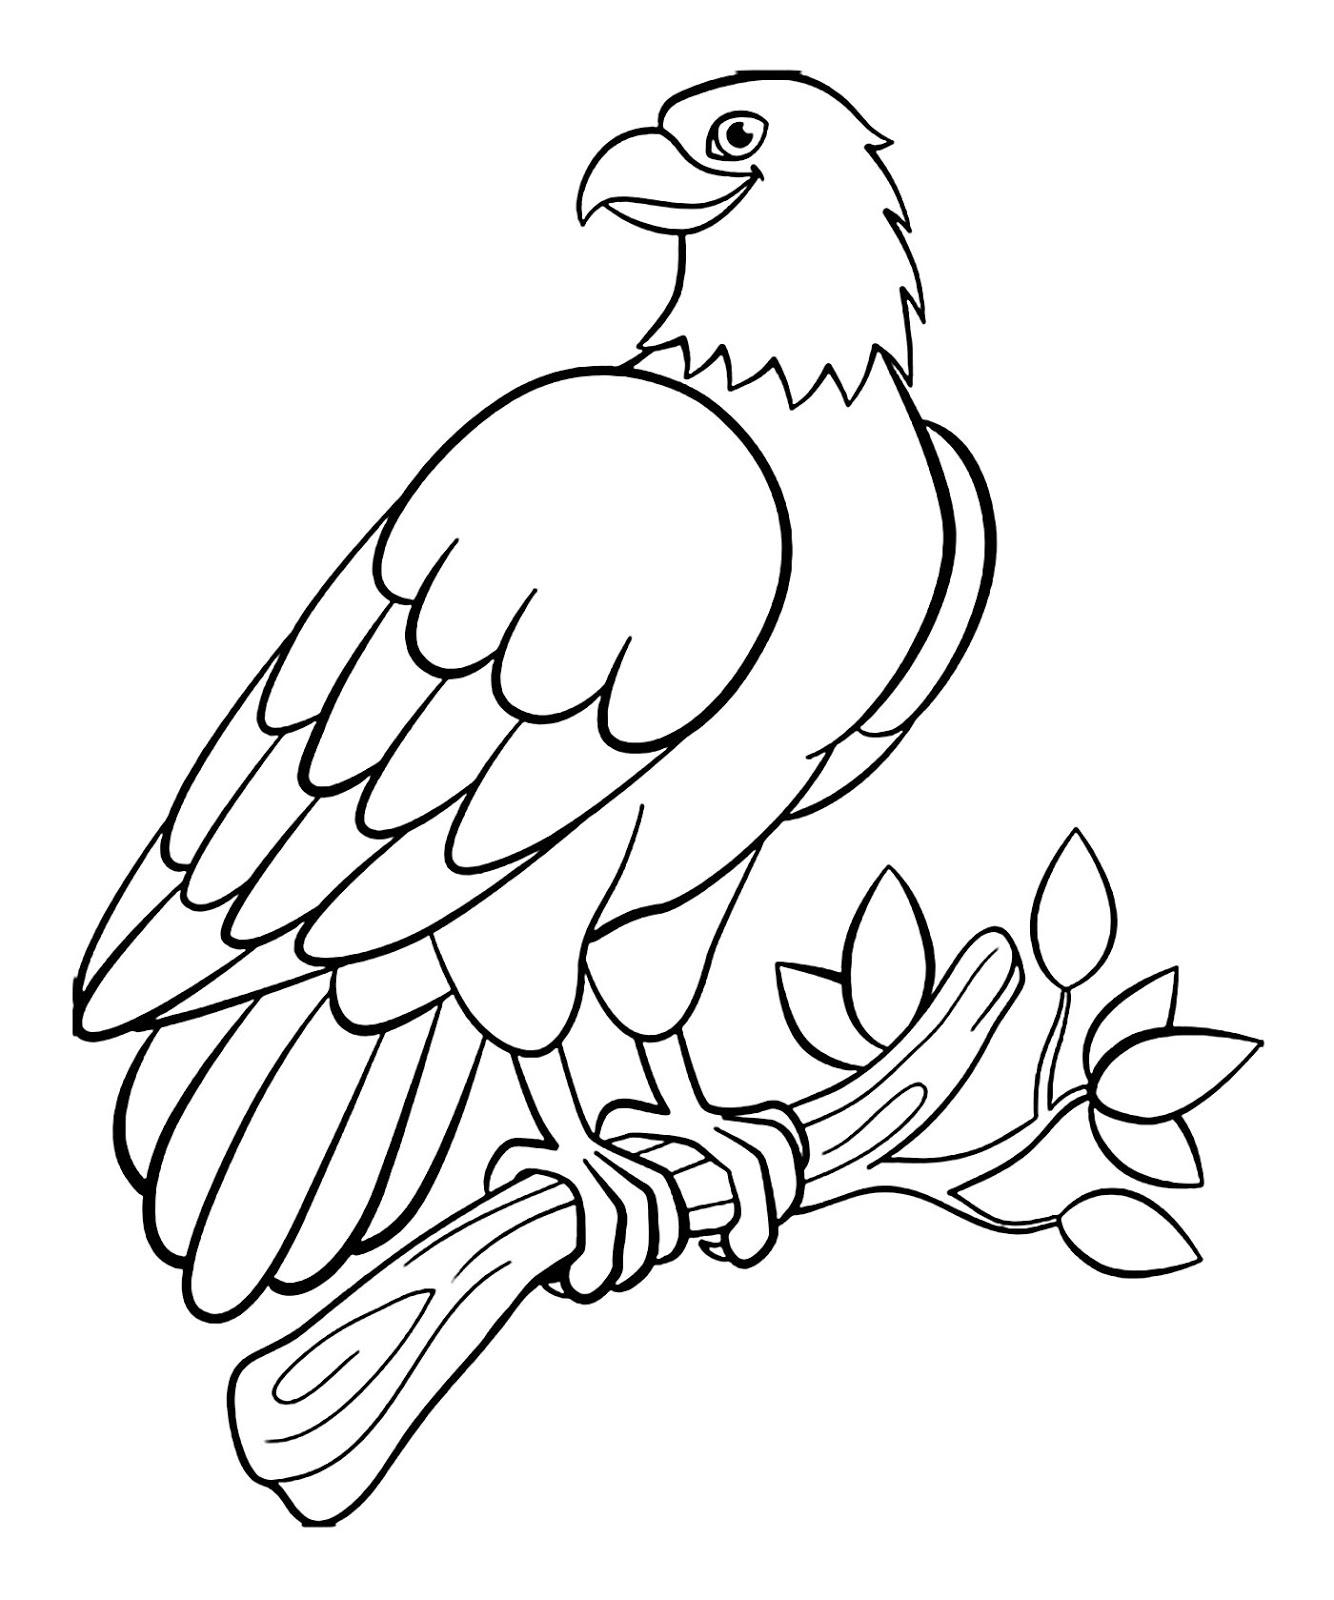 Tranh tô màu con chim đại bàng